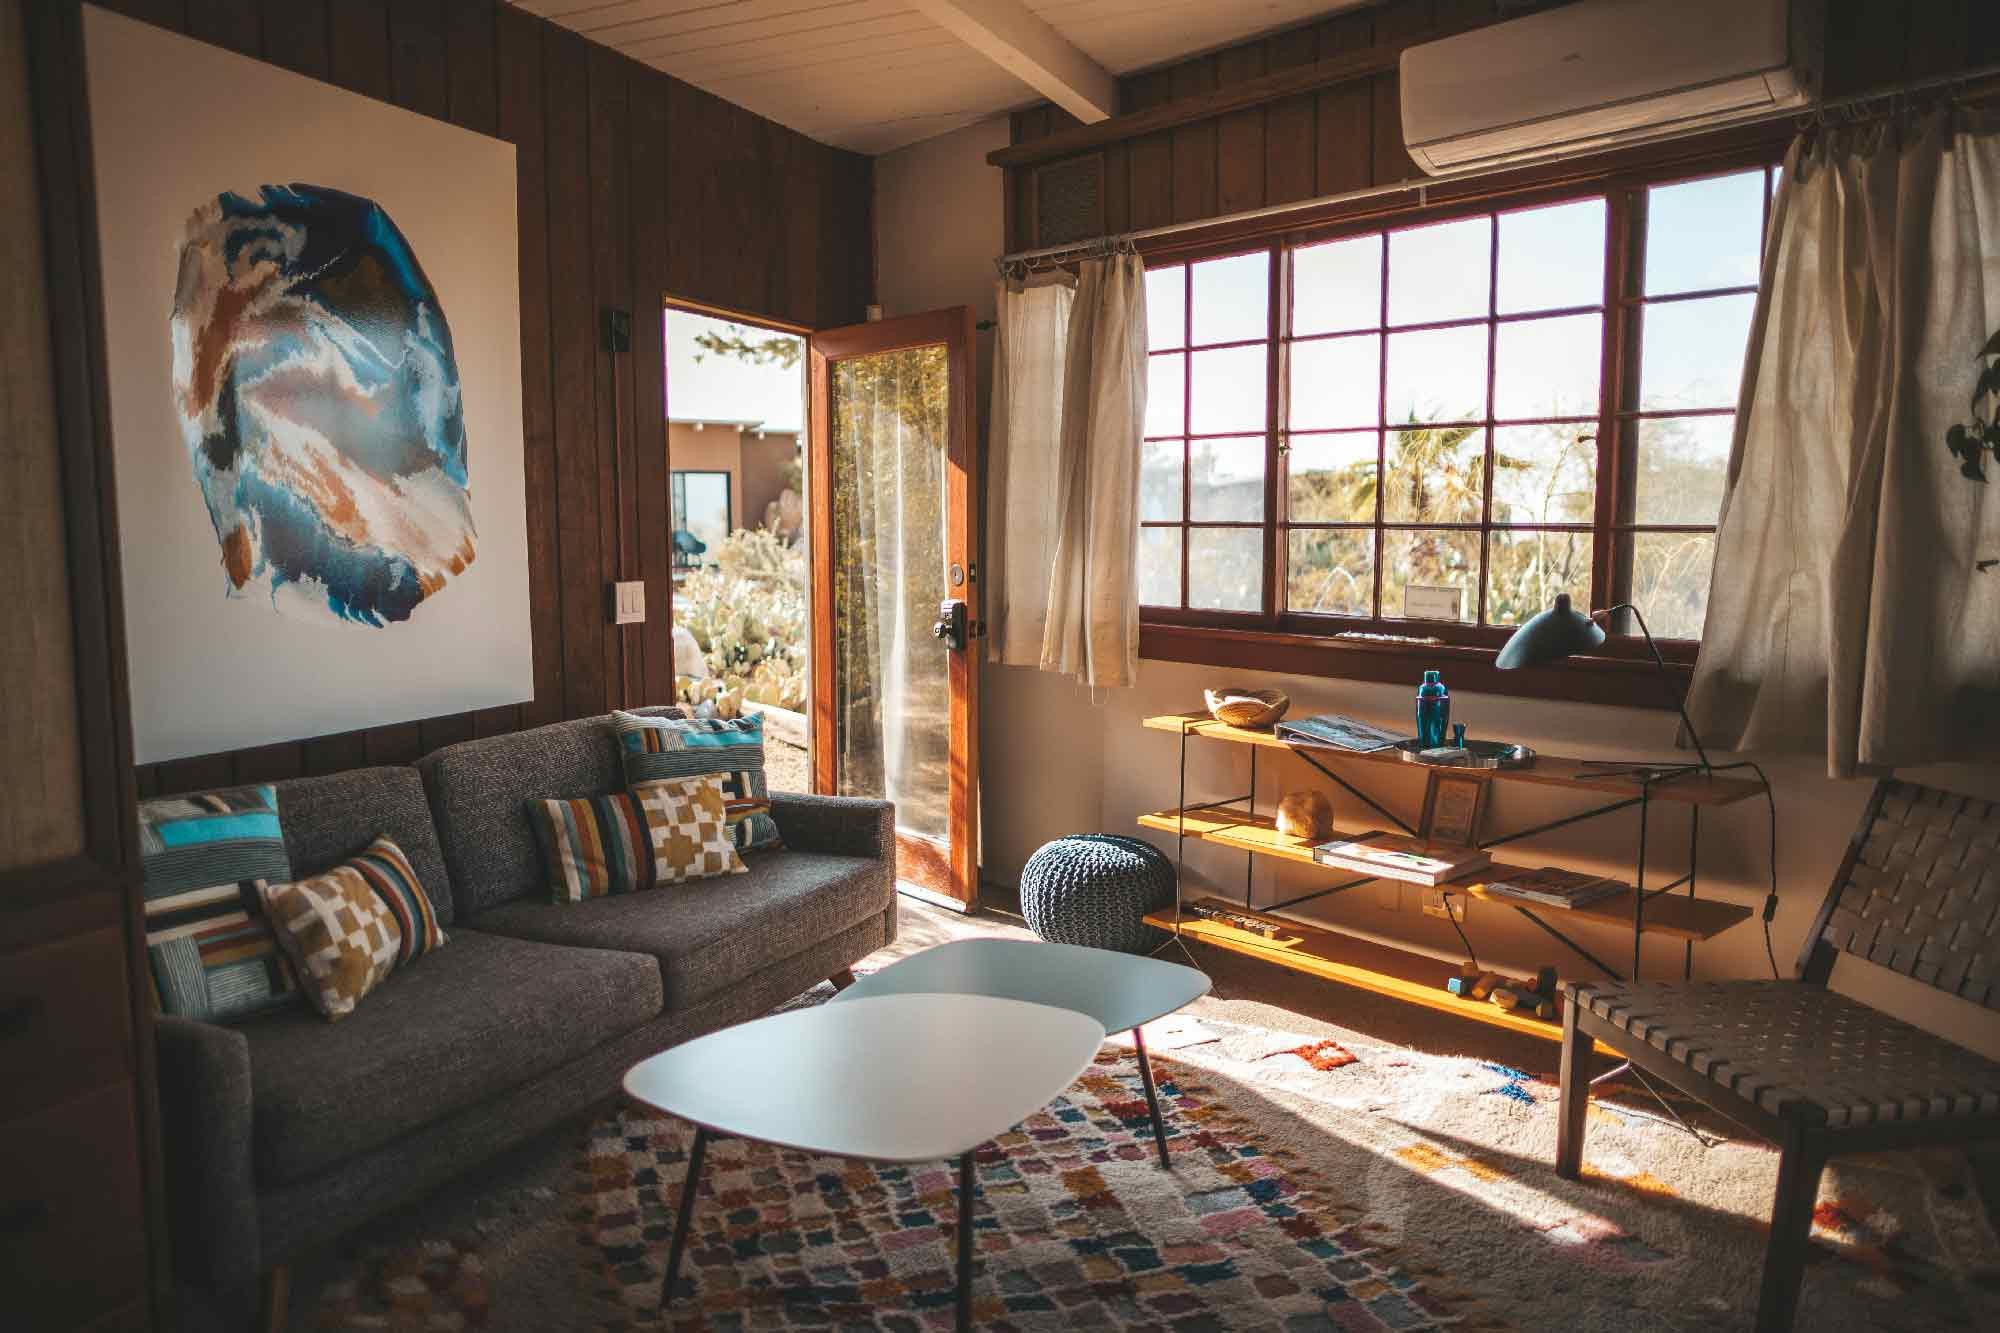 Le Salon | Idées Déco & Aménagement Intérieur